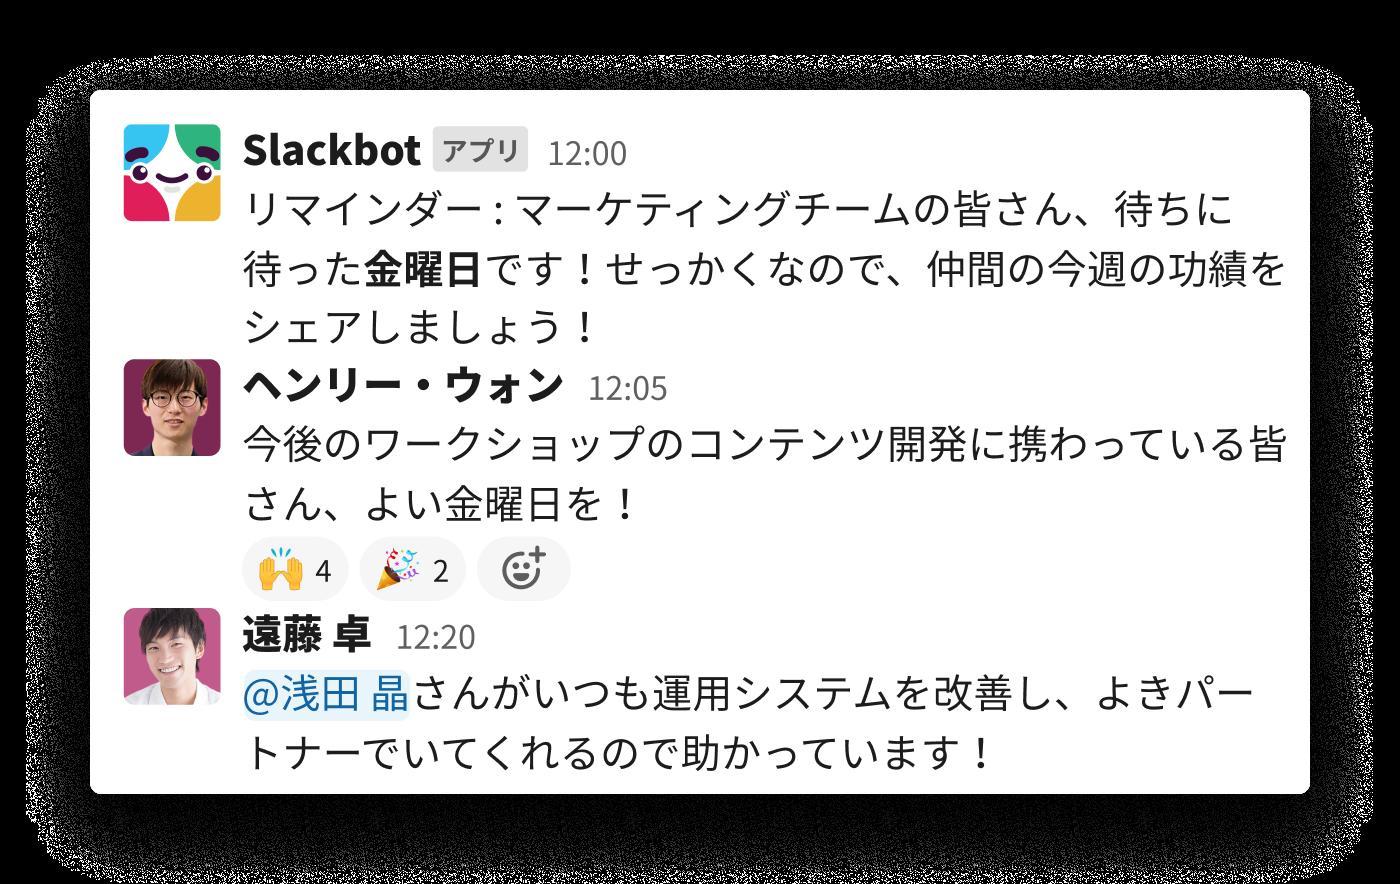 チームメイトがお互いの仕事を評価するように促す Slack からの自動メッセージ